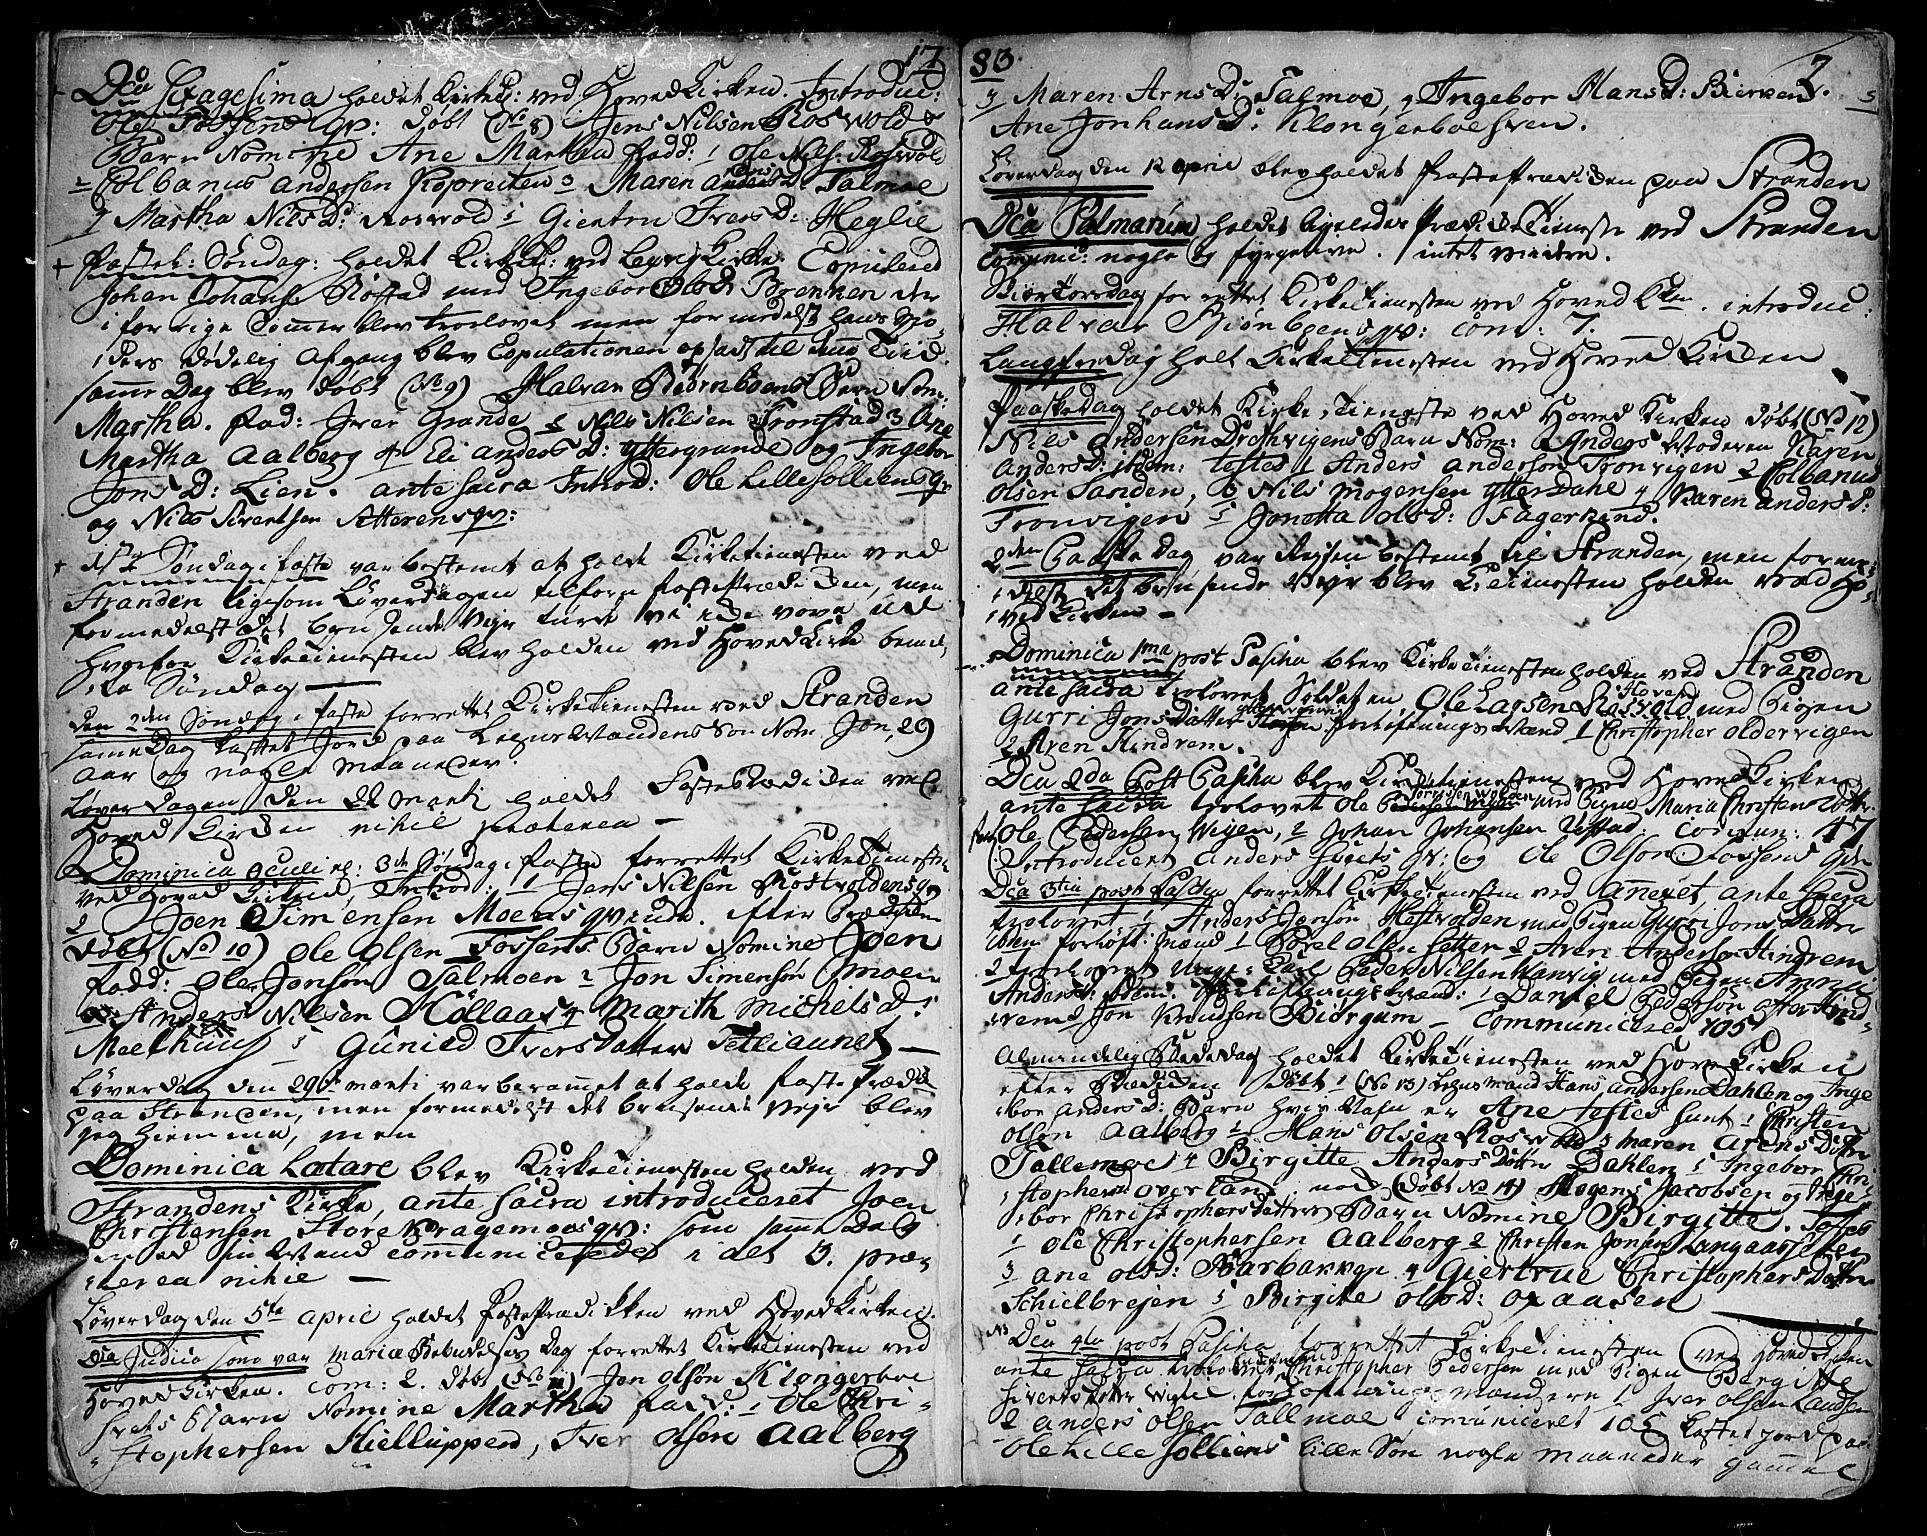 SAT, Ministerialprotokoller, klokkerbøker og fødselsregistre - Nord-Trøndelag, 701/L0004: Ministerialbok nr. 701A04, 1783-1816, s. 2